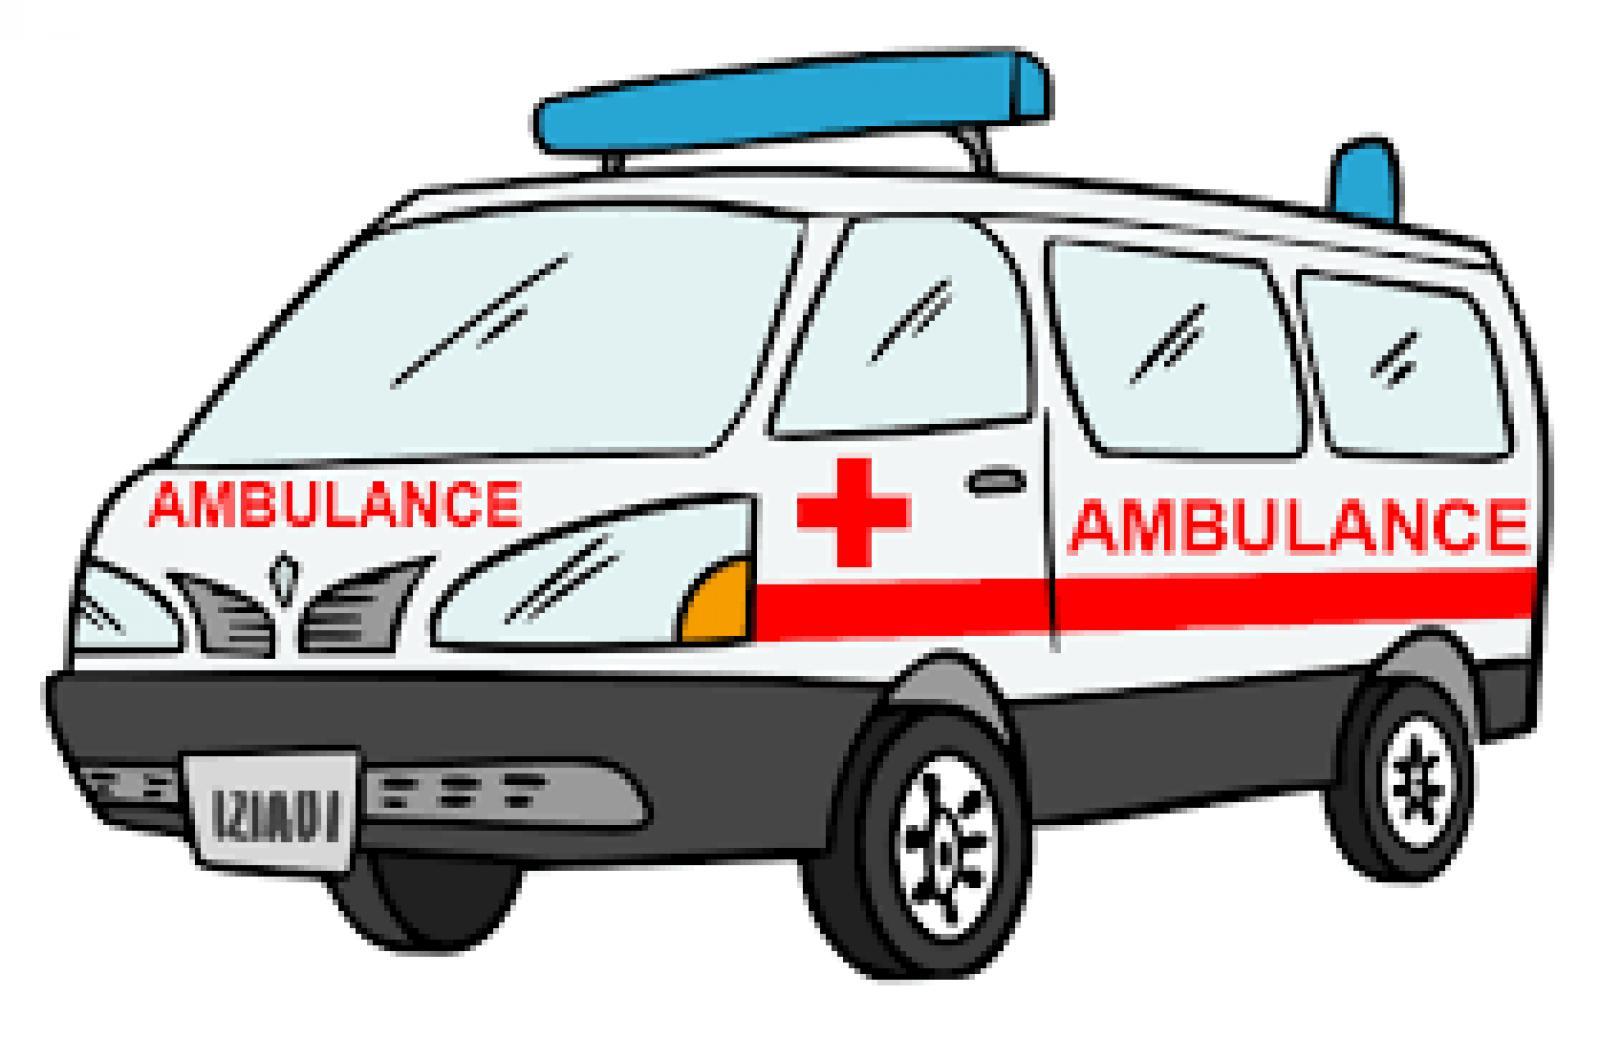 Badhte Kadam Ambulance Services